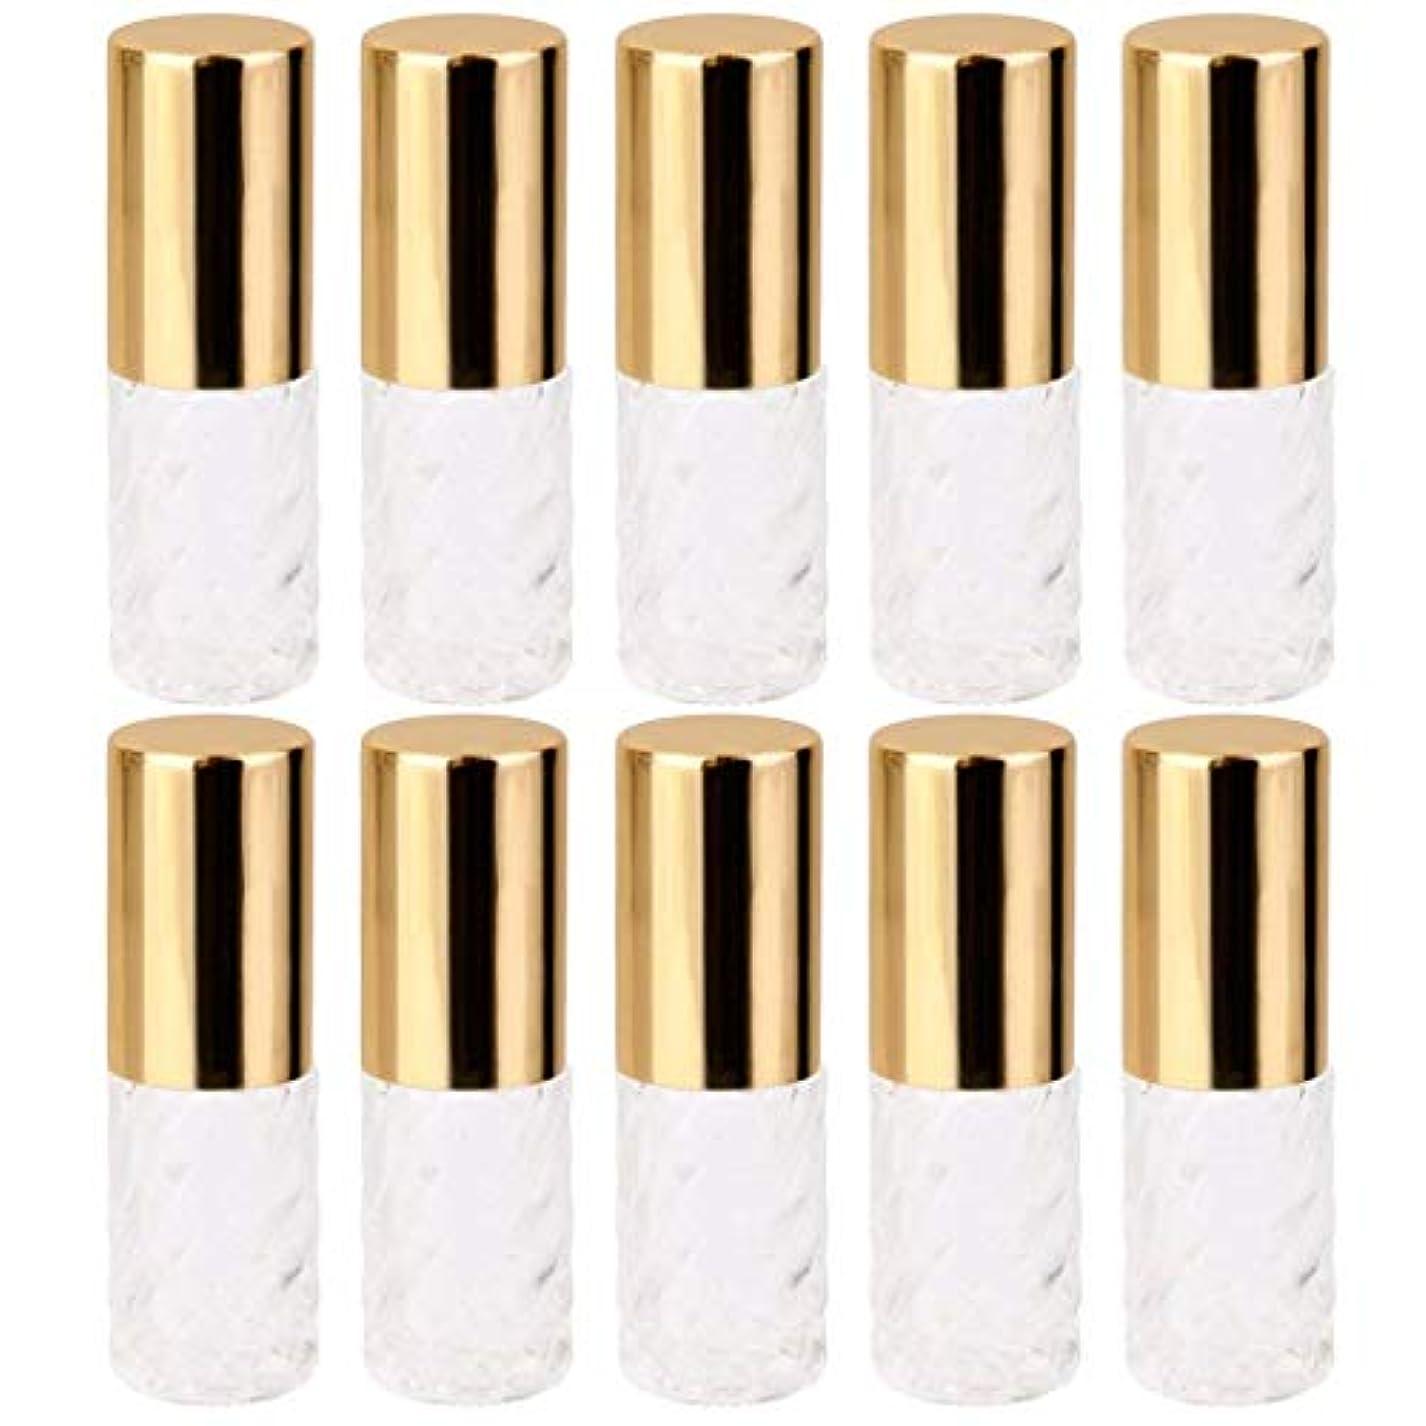 消毒剤気質サーマル10個 5ml 透明 交換 旅行 空 ロールオン ガラス 香水瓶 容器 コスメ 詰替え 便利